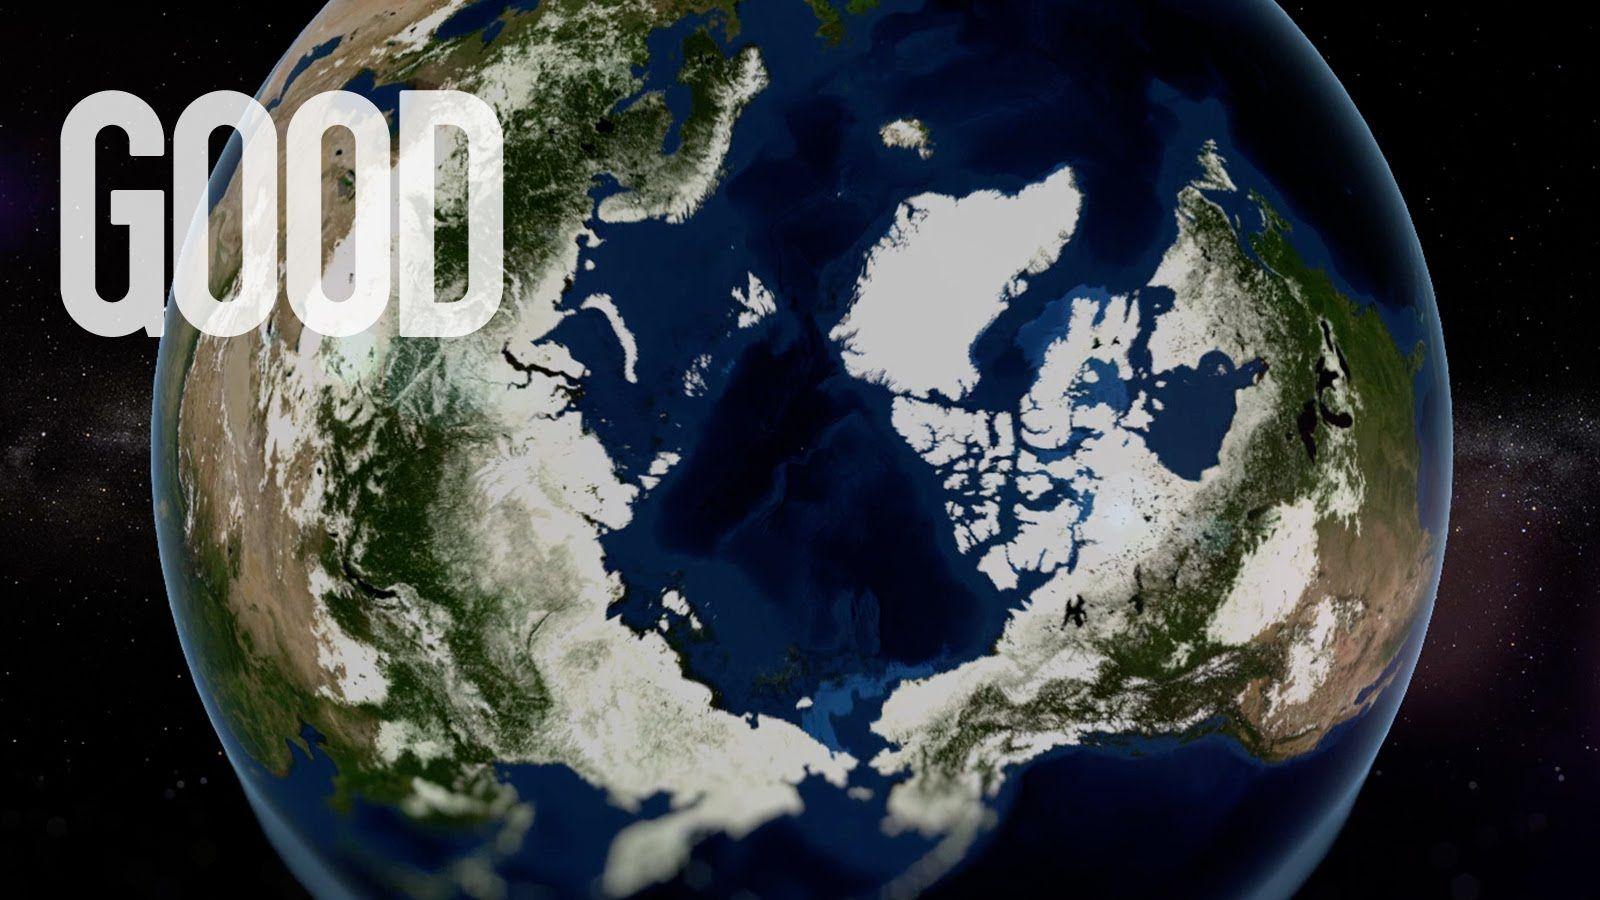 ¿Qué os parece este vídeo de la Tierra es un milagro?